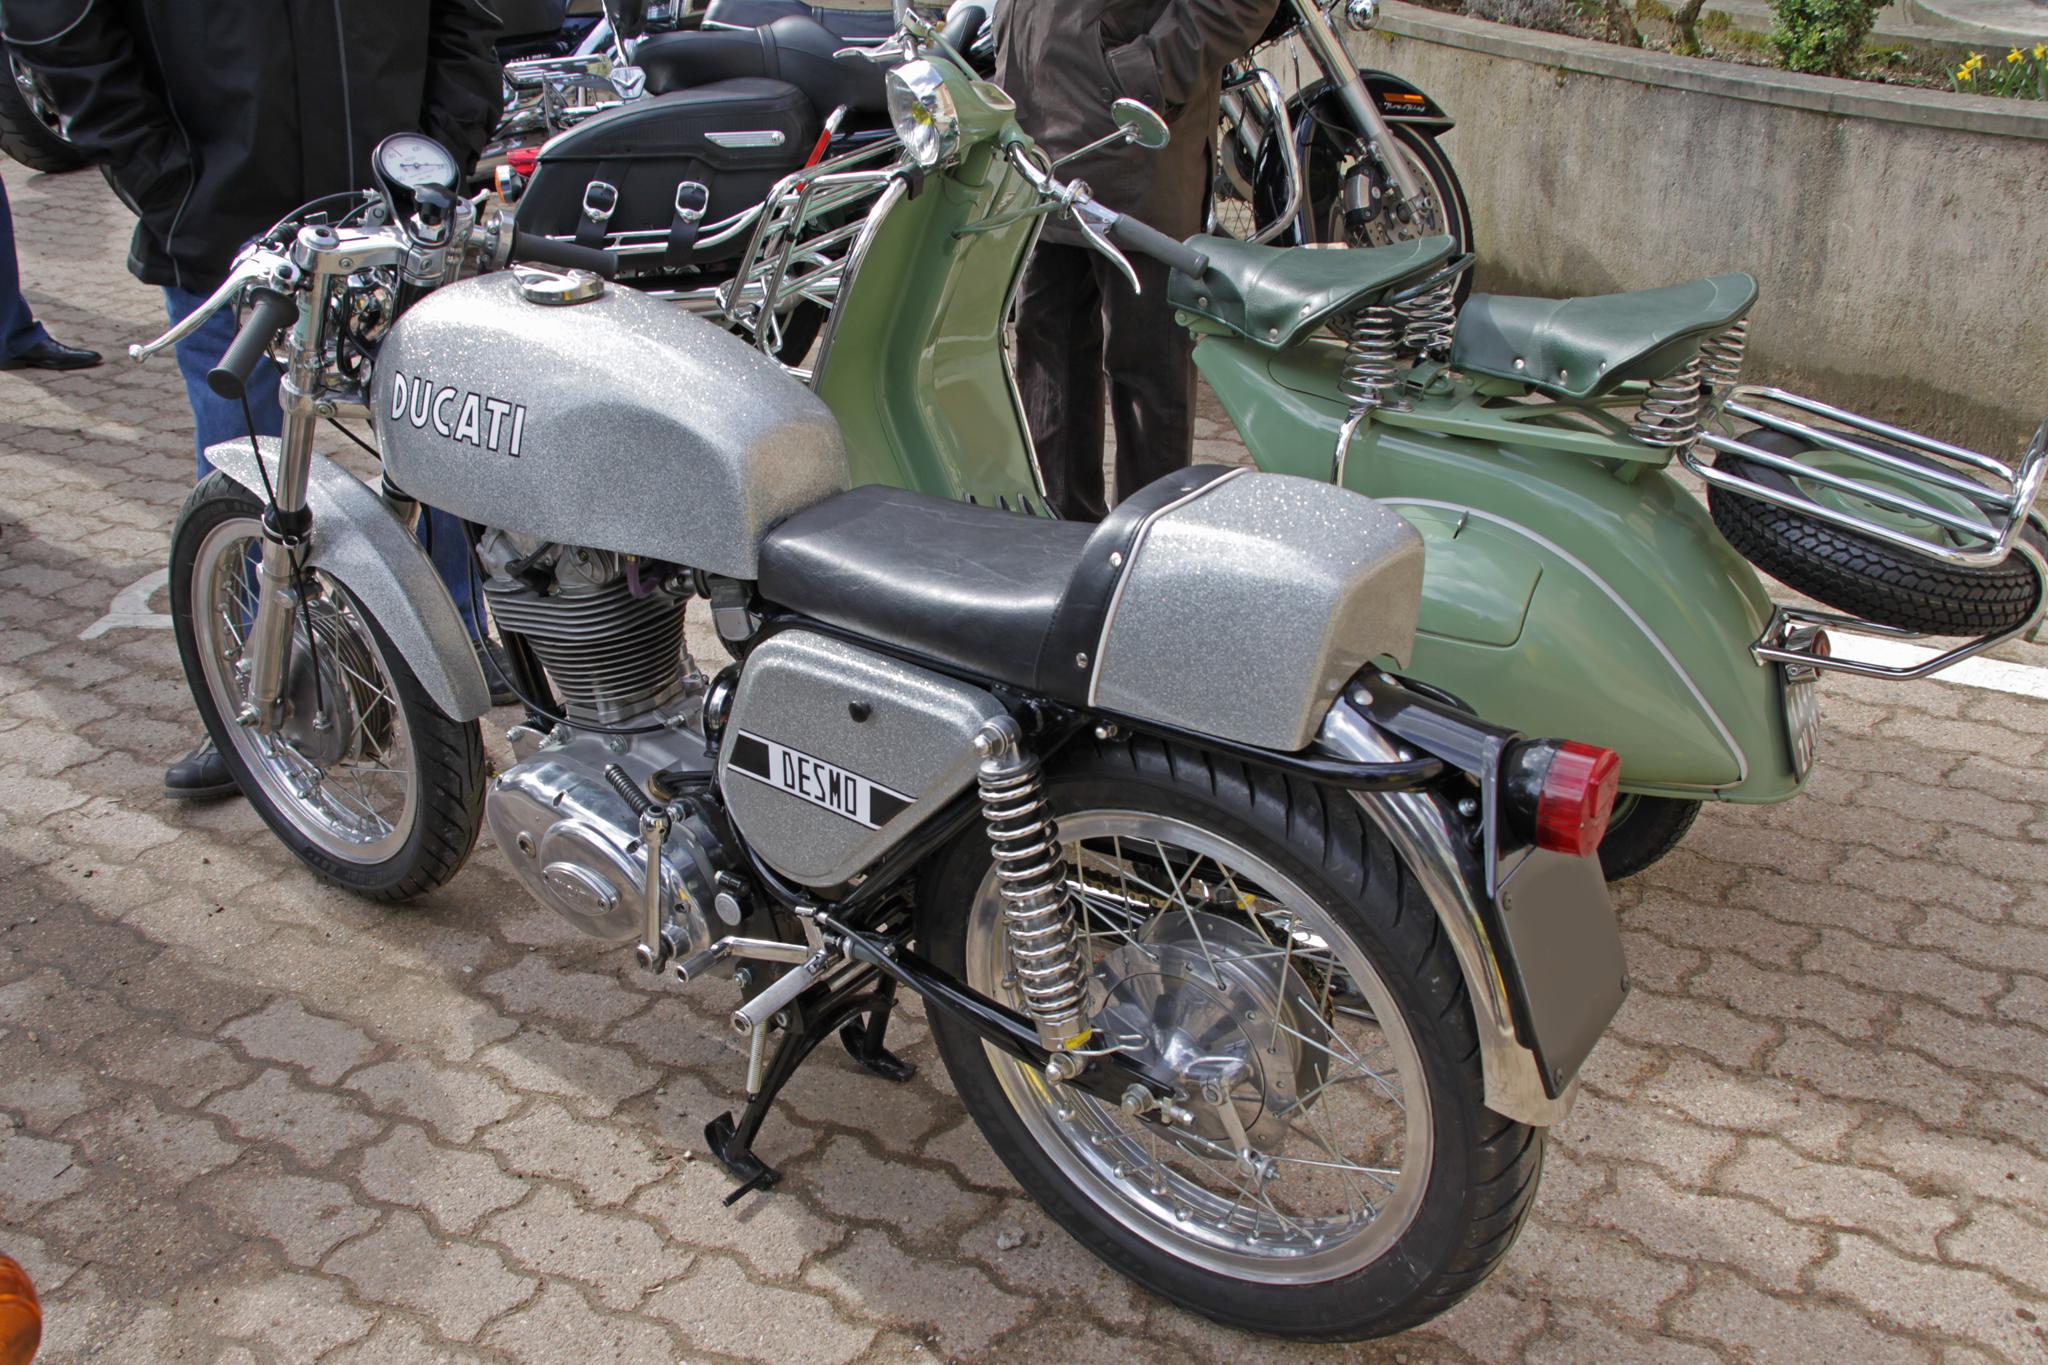 Ducati Desmo nella colorazione tipica della prima serie